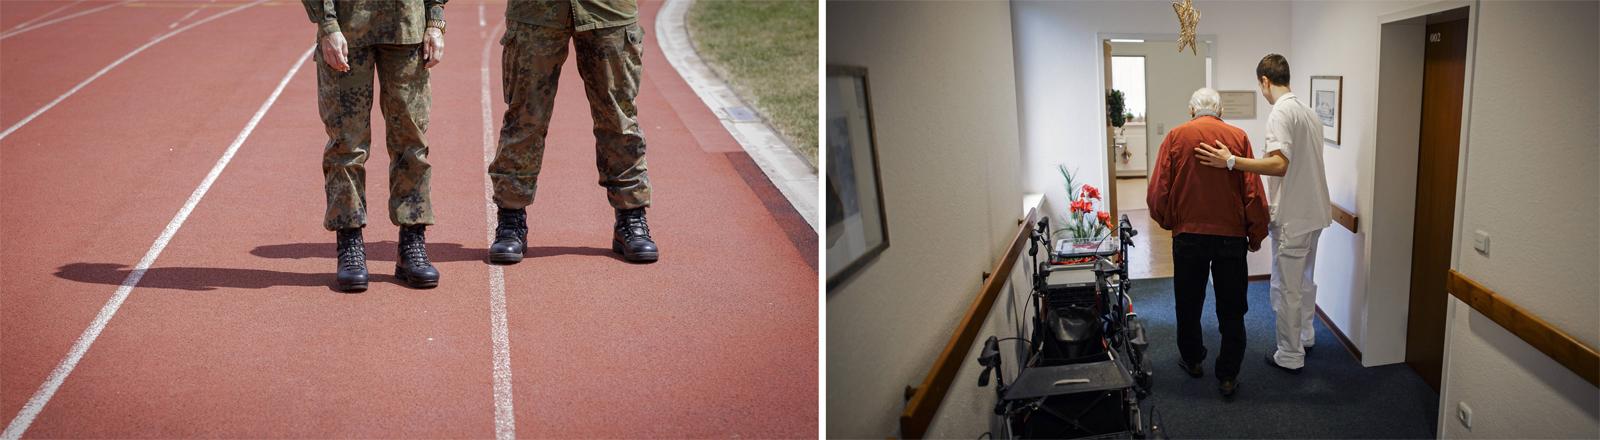 Sozialdienst oder Wehrdienst: Die Personalprobleme bei der Bundeswehr lassen eine alte Diskussion wieder aufleben.